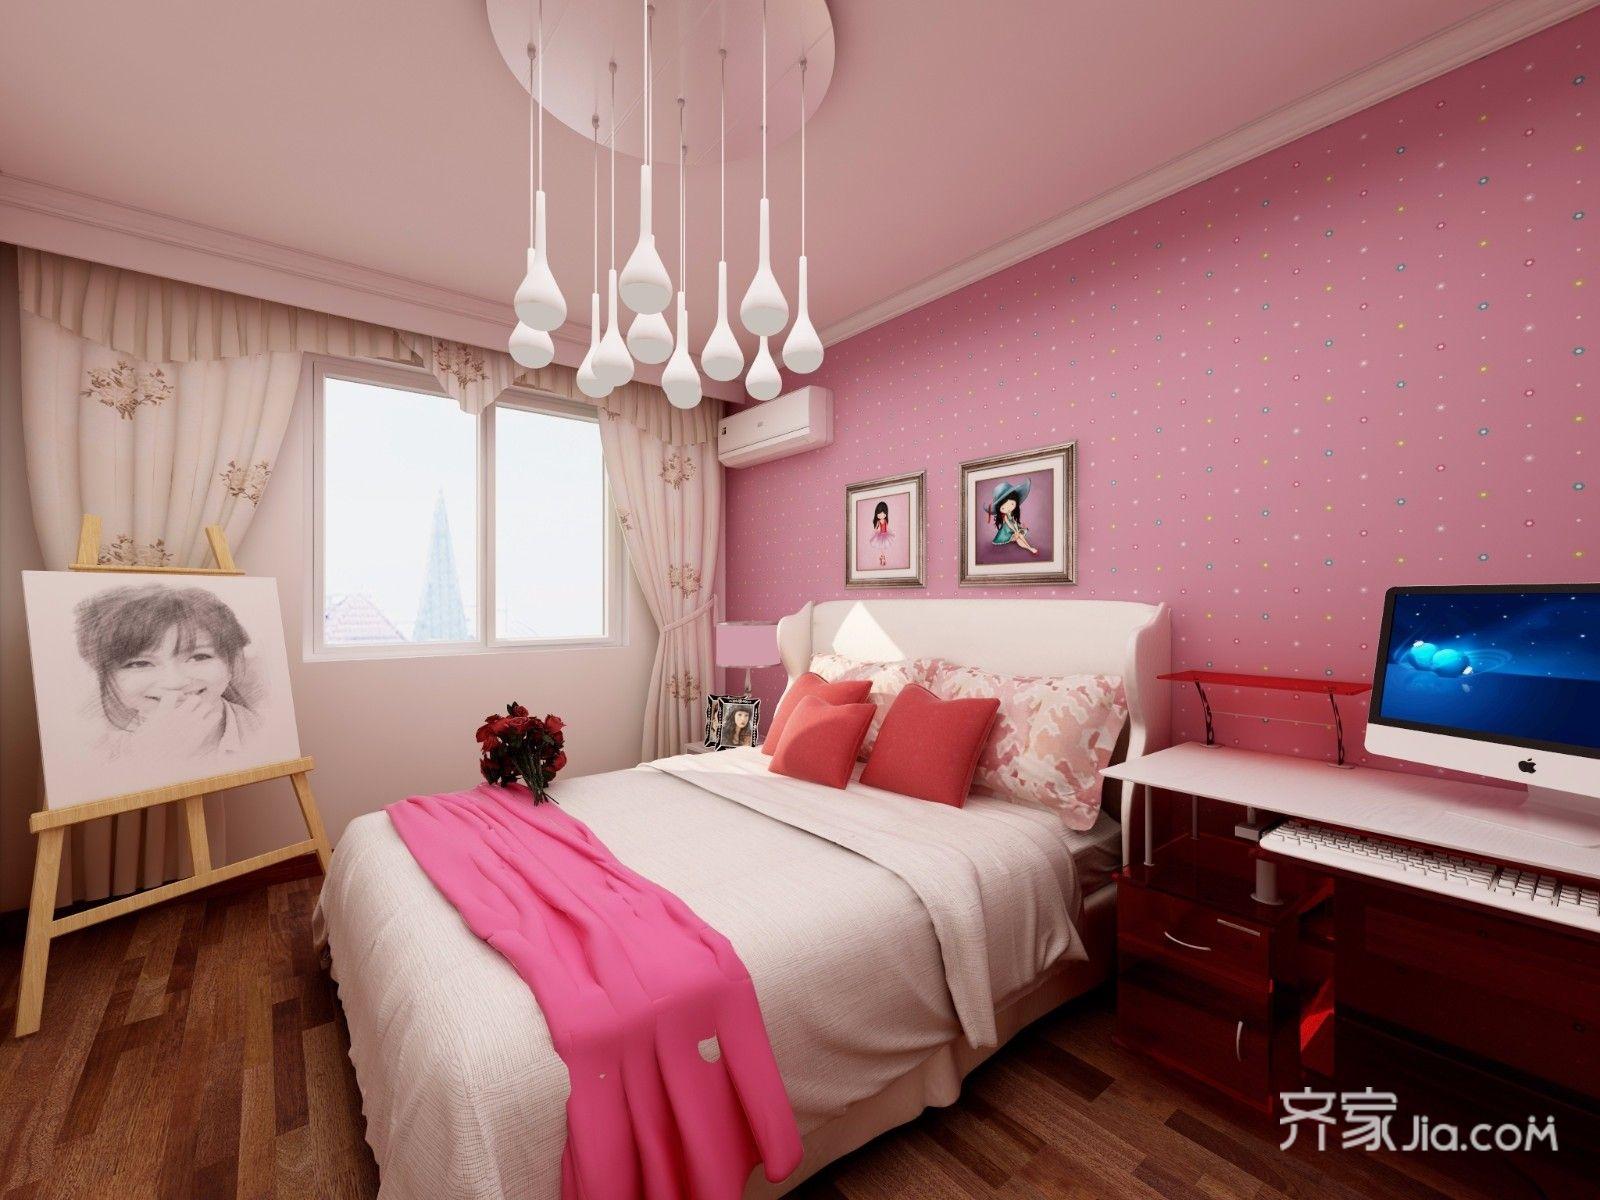 128平中式风格三居公主房装修效果图